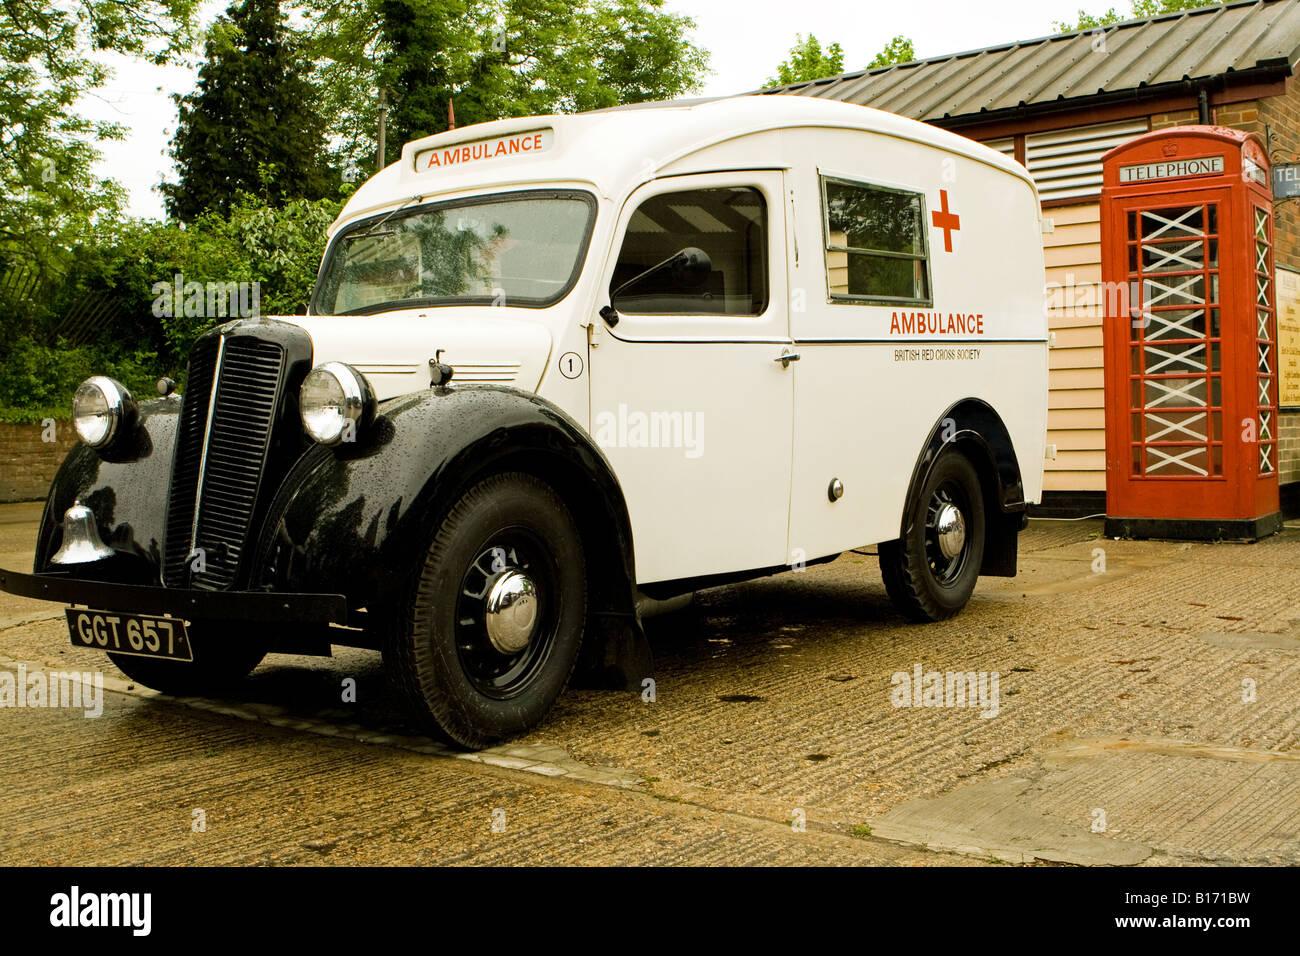 Old Ambulance Stock Photos & Old Ambulance Stock Images - Alamy